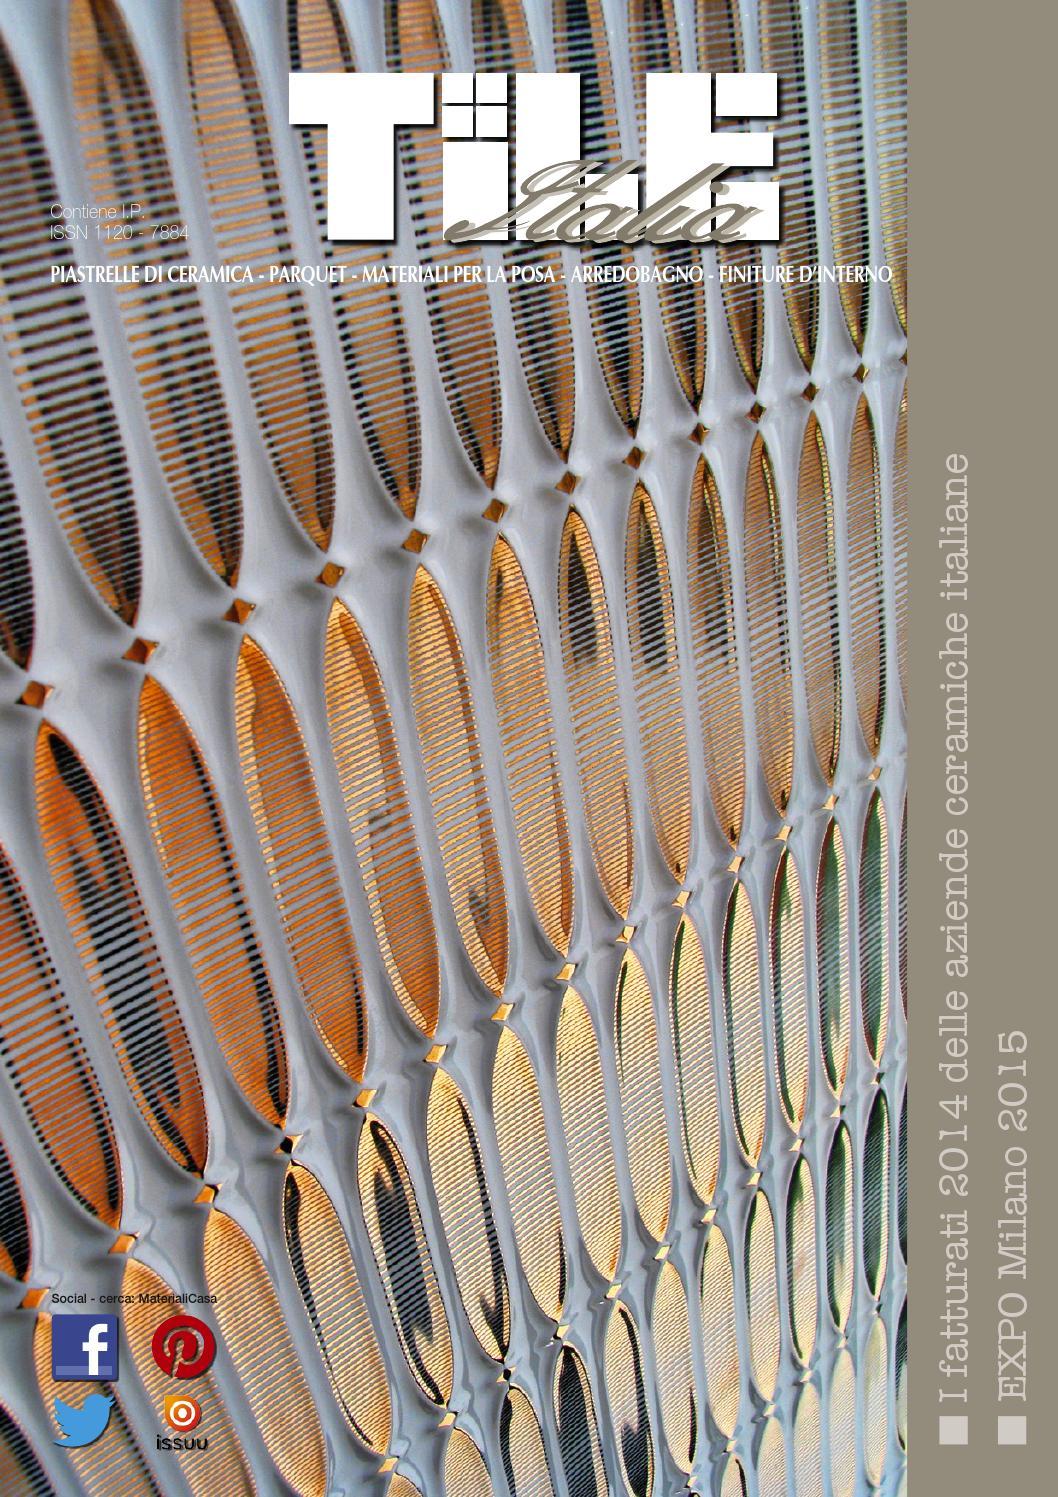 Tile Italia 3 2015 by Tile Edizioni - issuu f3d68d2e460